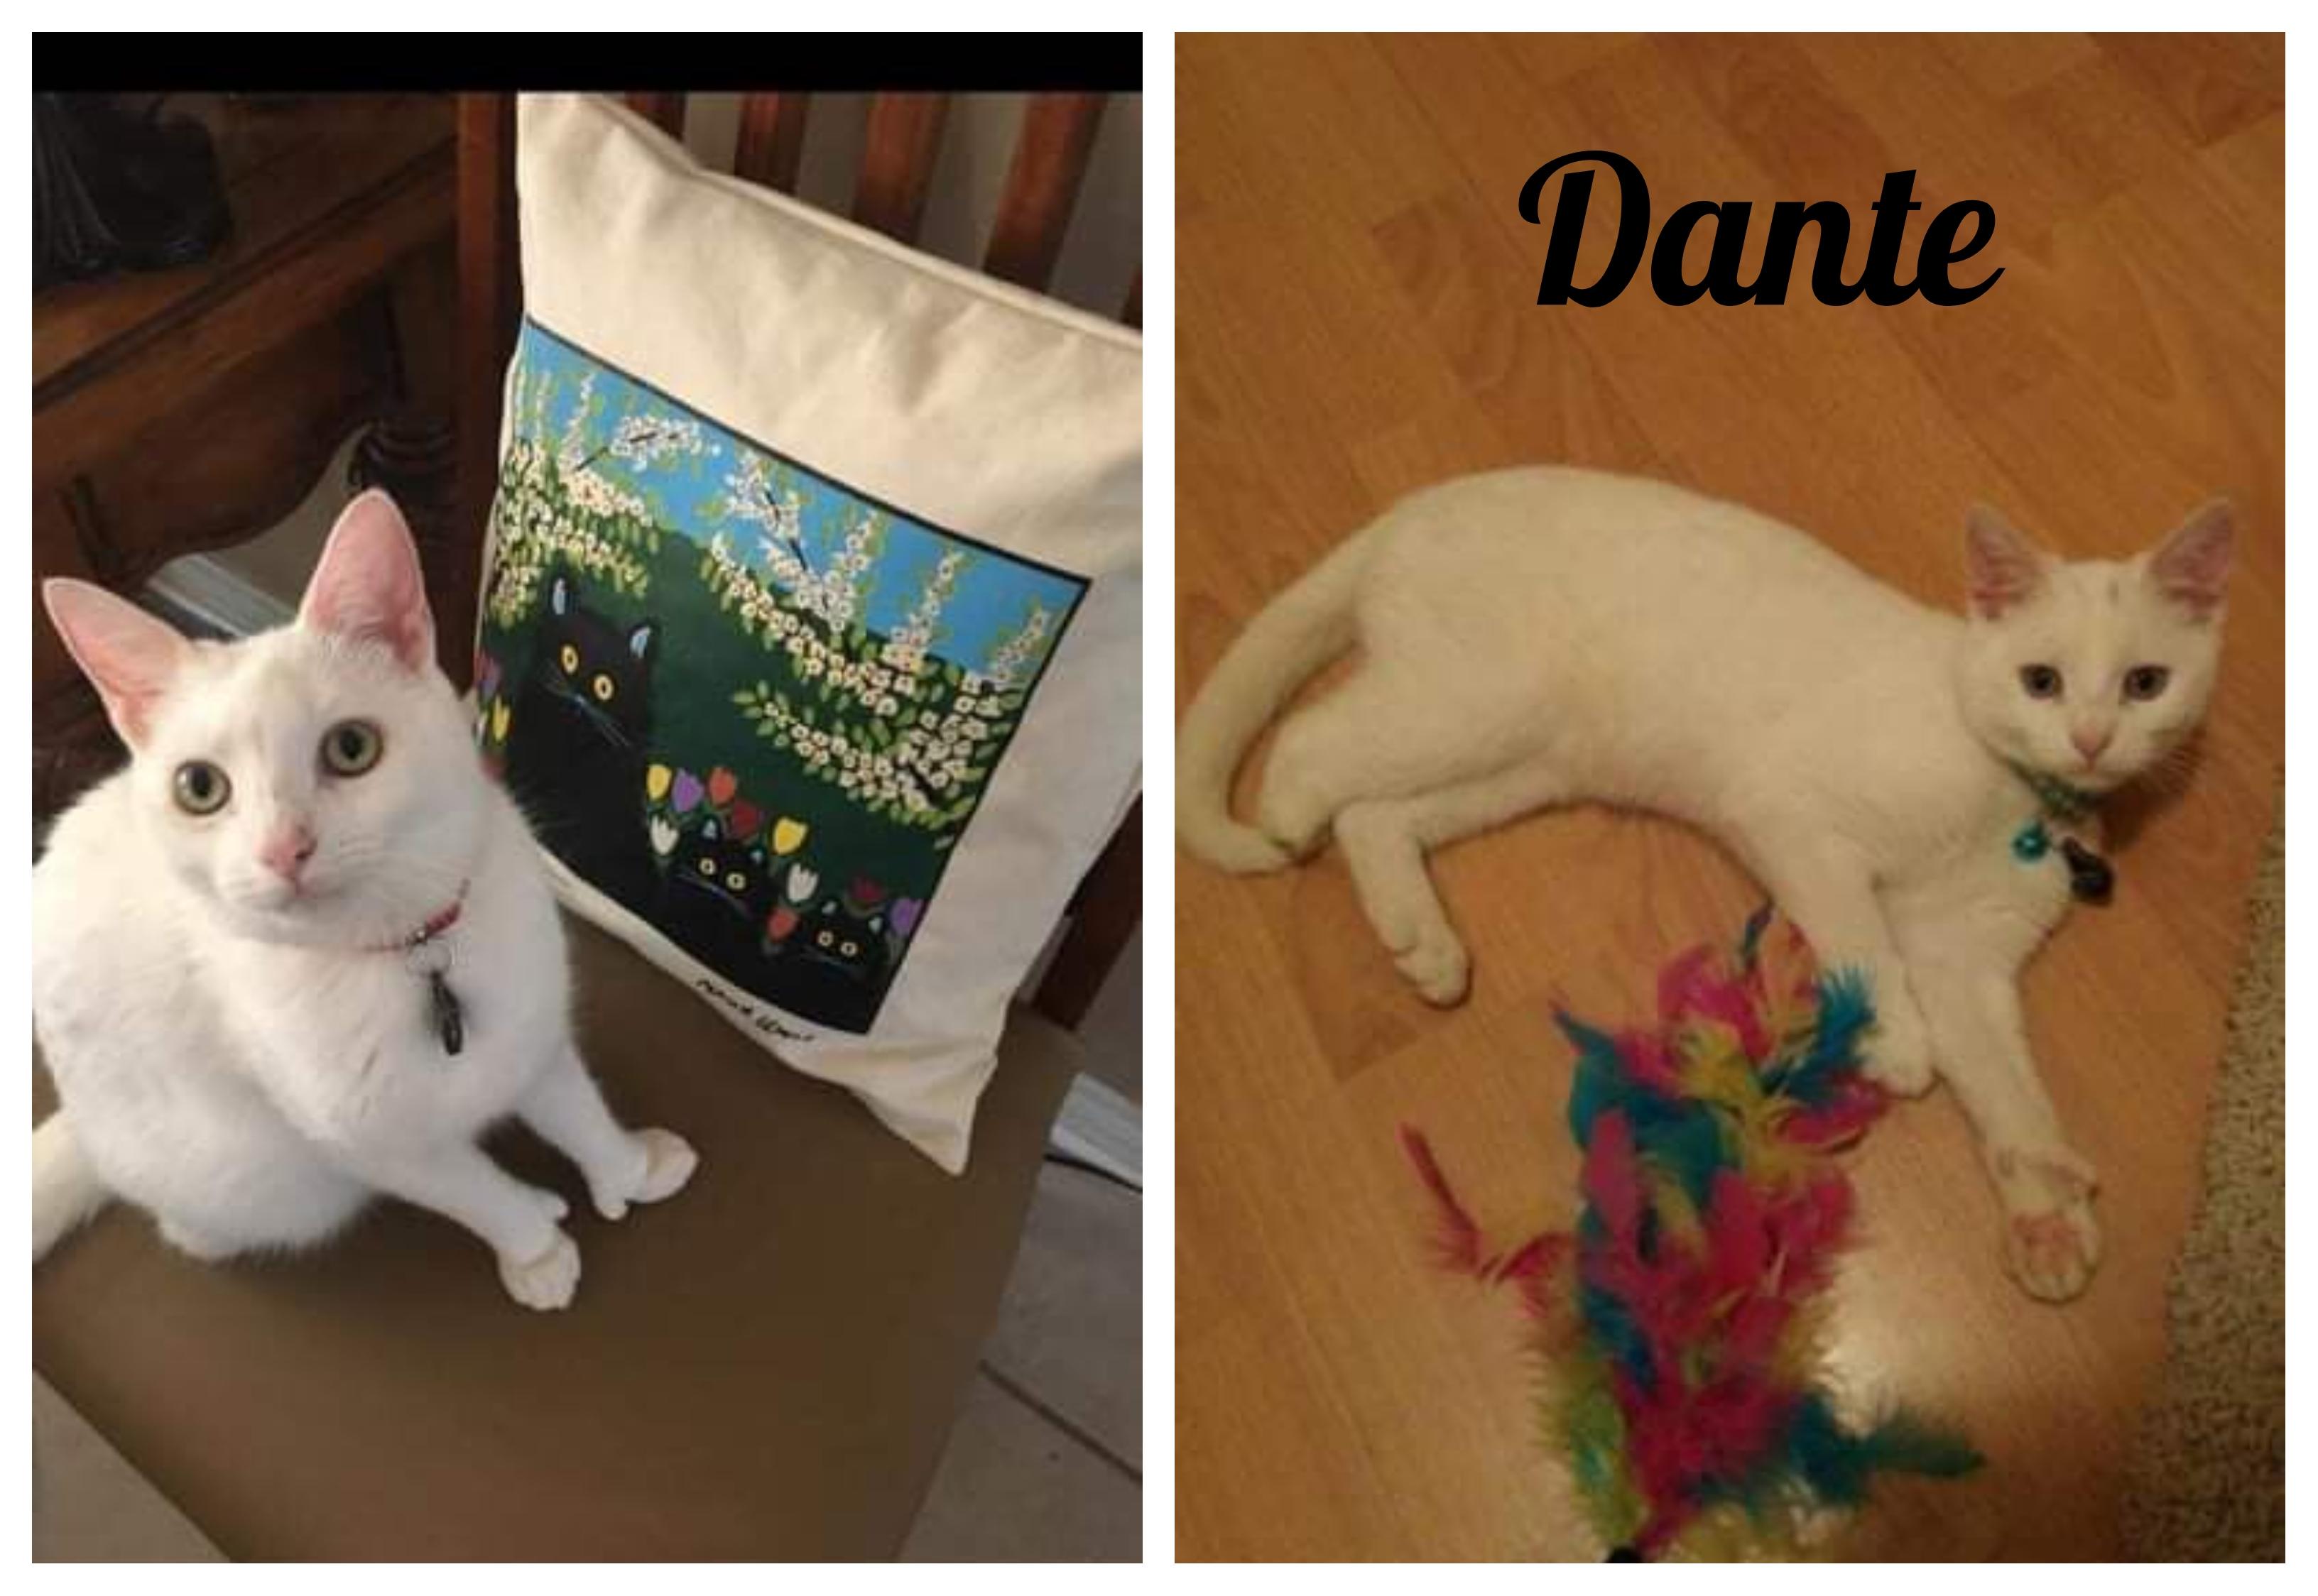 Dante collage